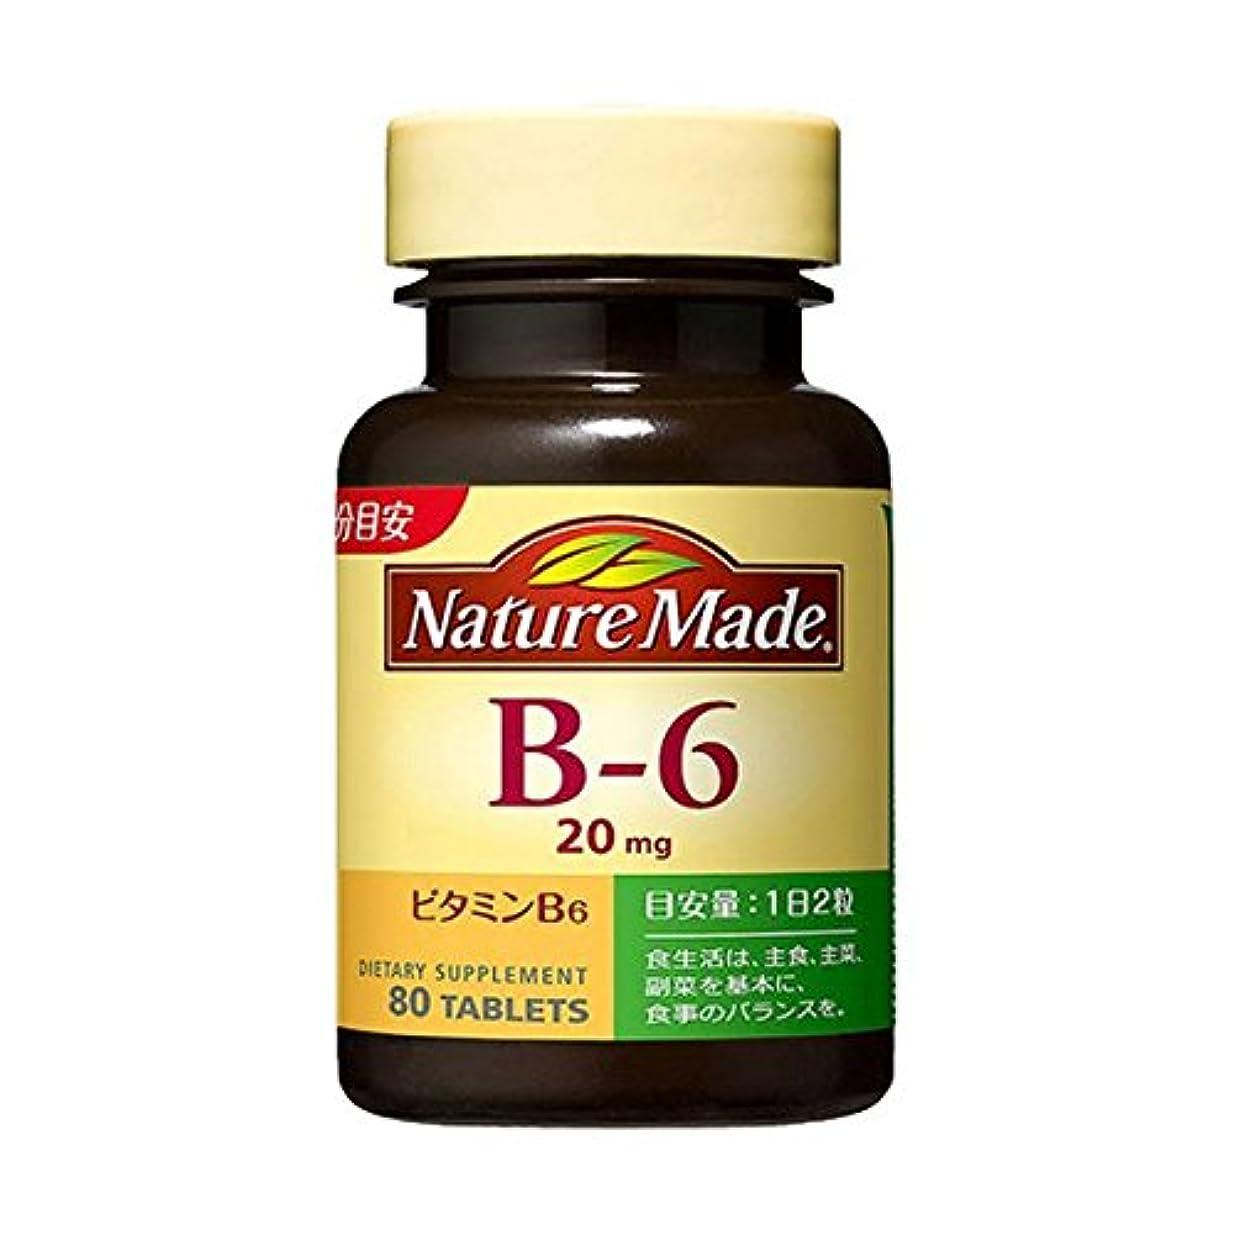 レトルトプロトタイプどんなときも大塚製薬 ネイチャーメイド ビタミンB6 80粒×3個入